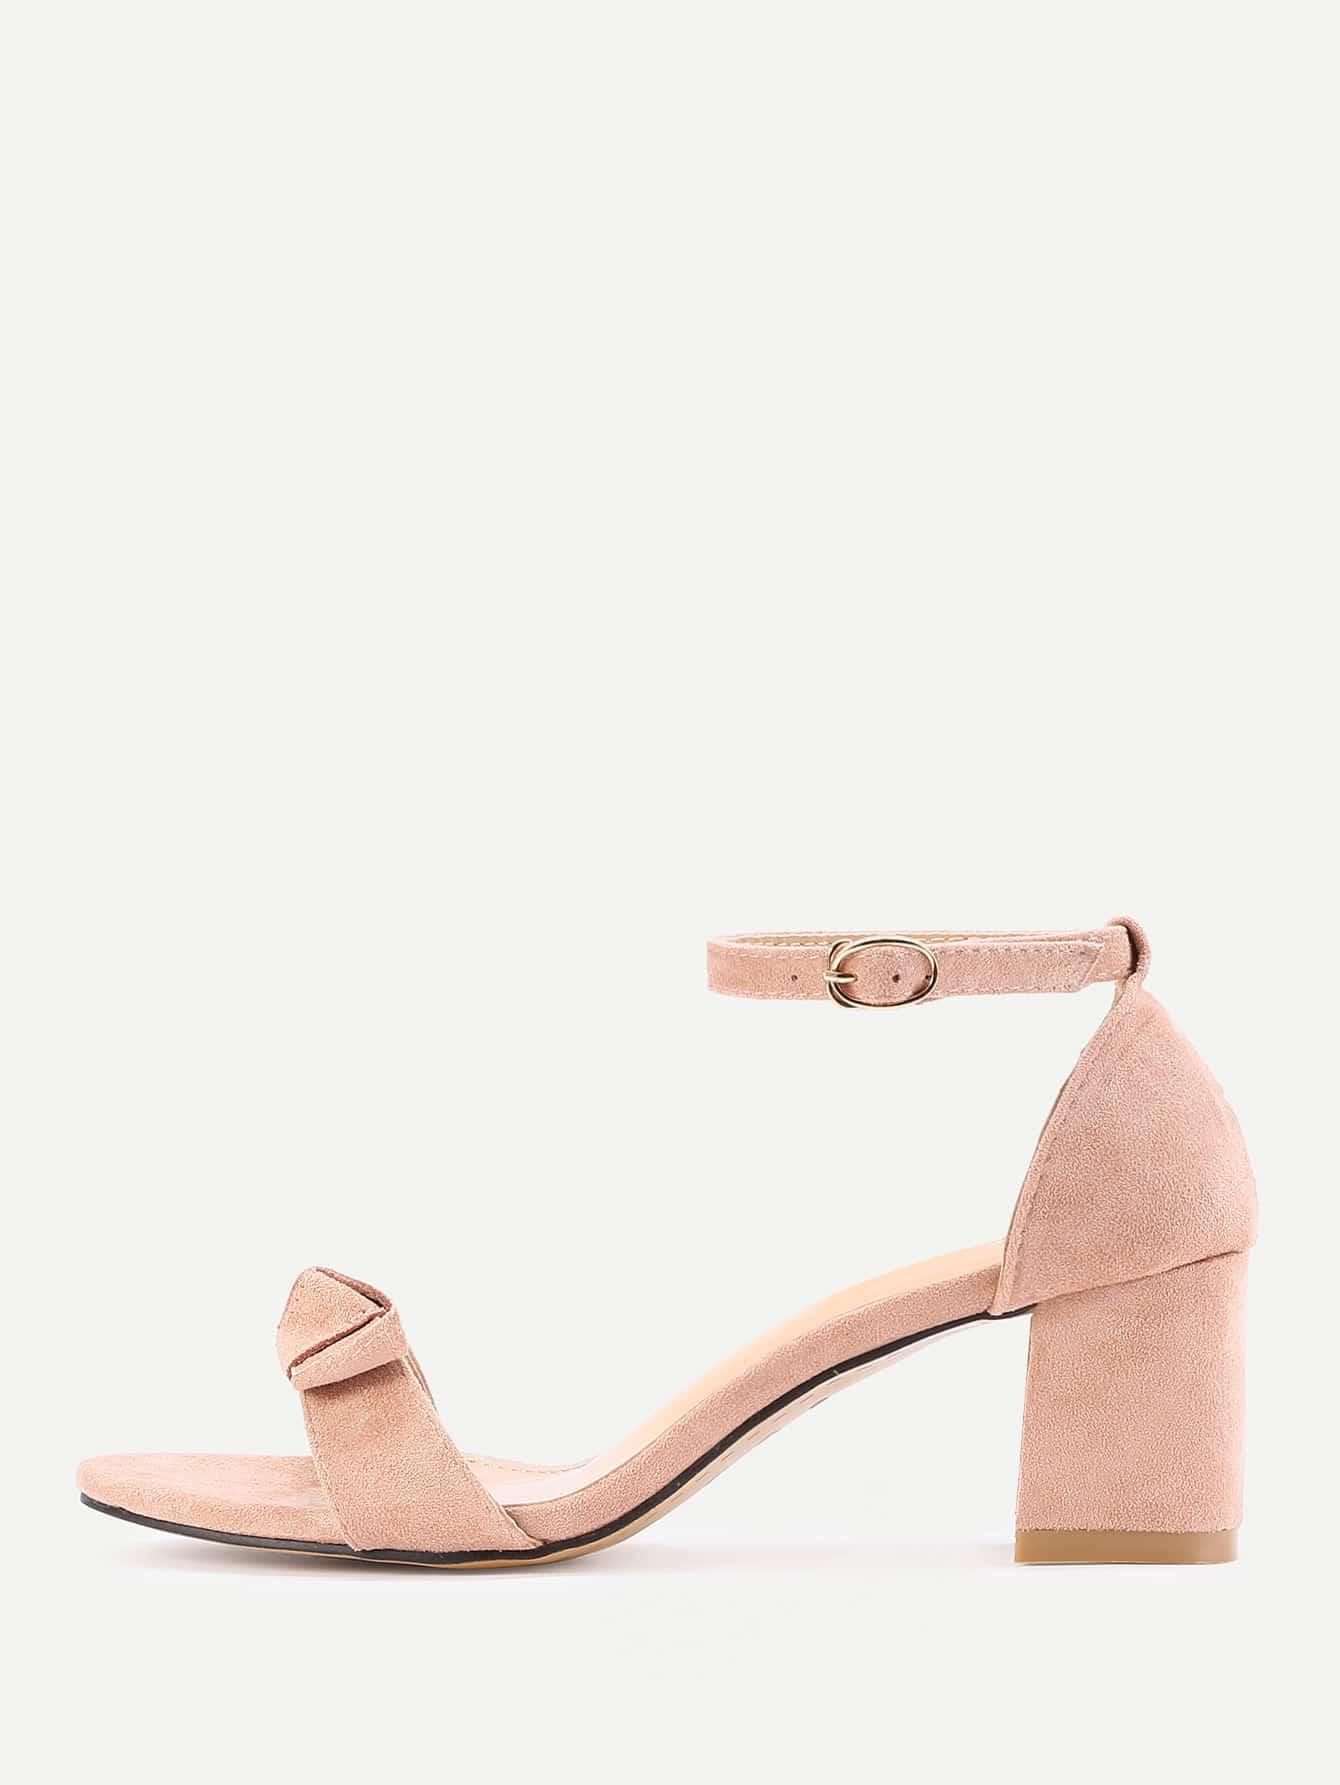 Фото Bow Tie Two Part Block Heeled Sandals. Купить с доставкой